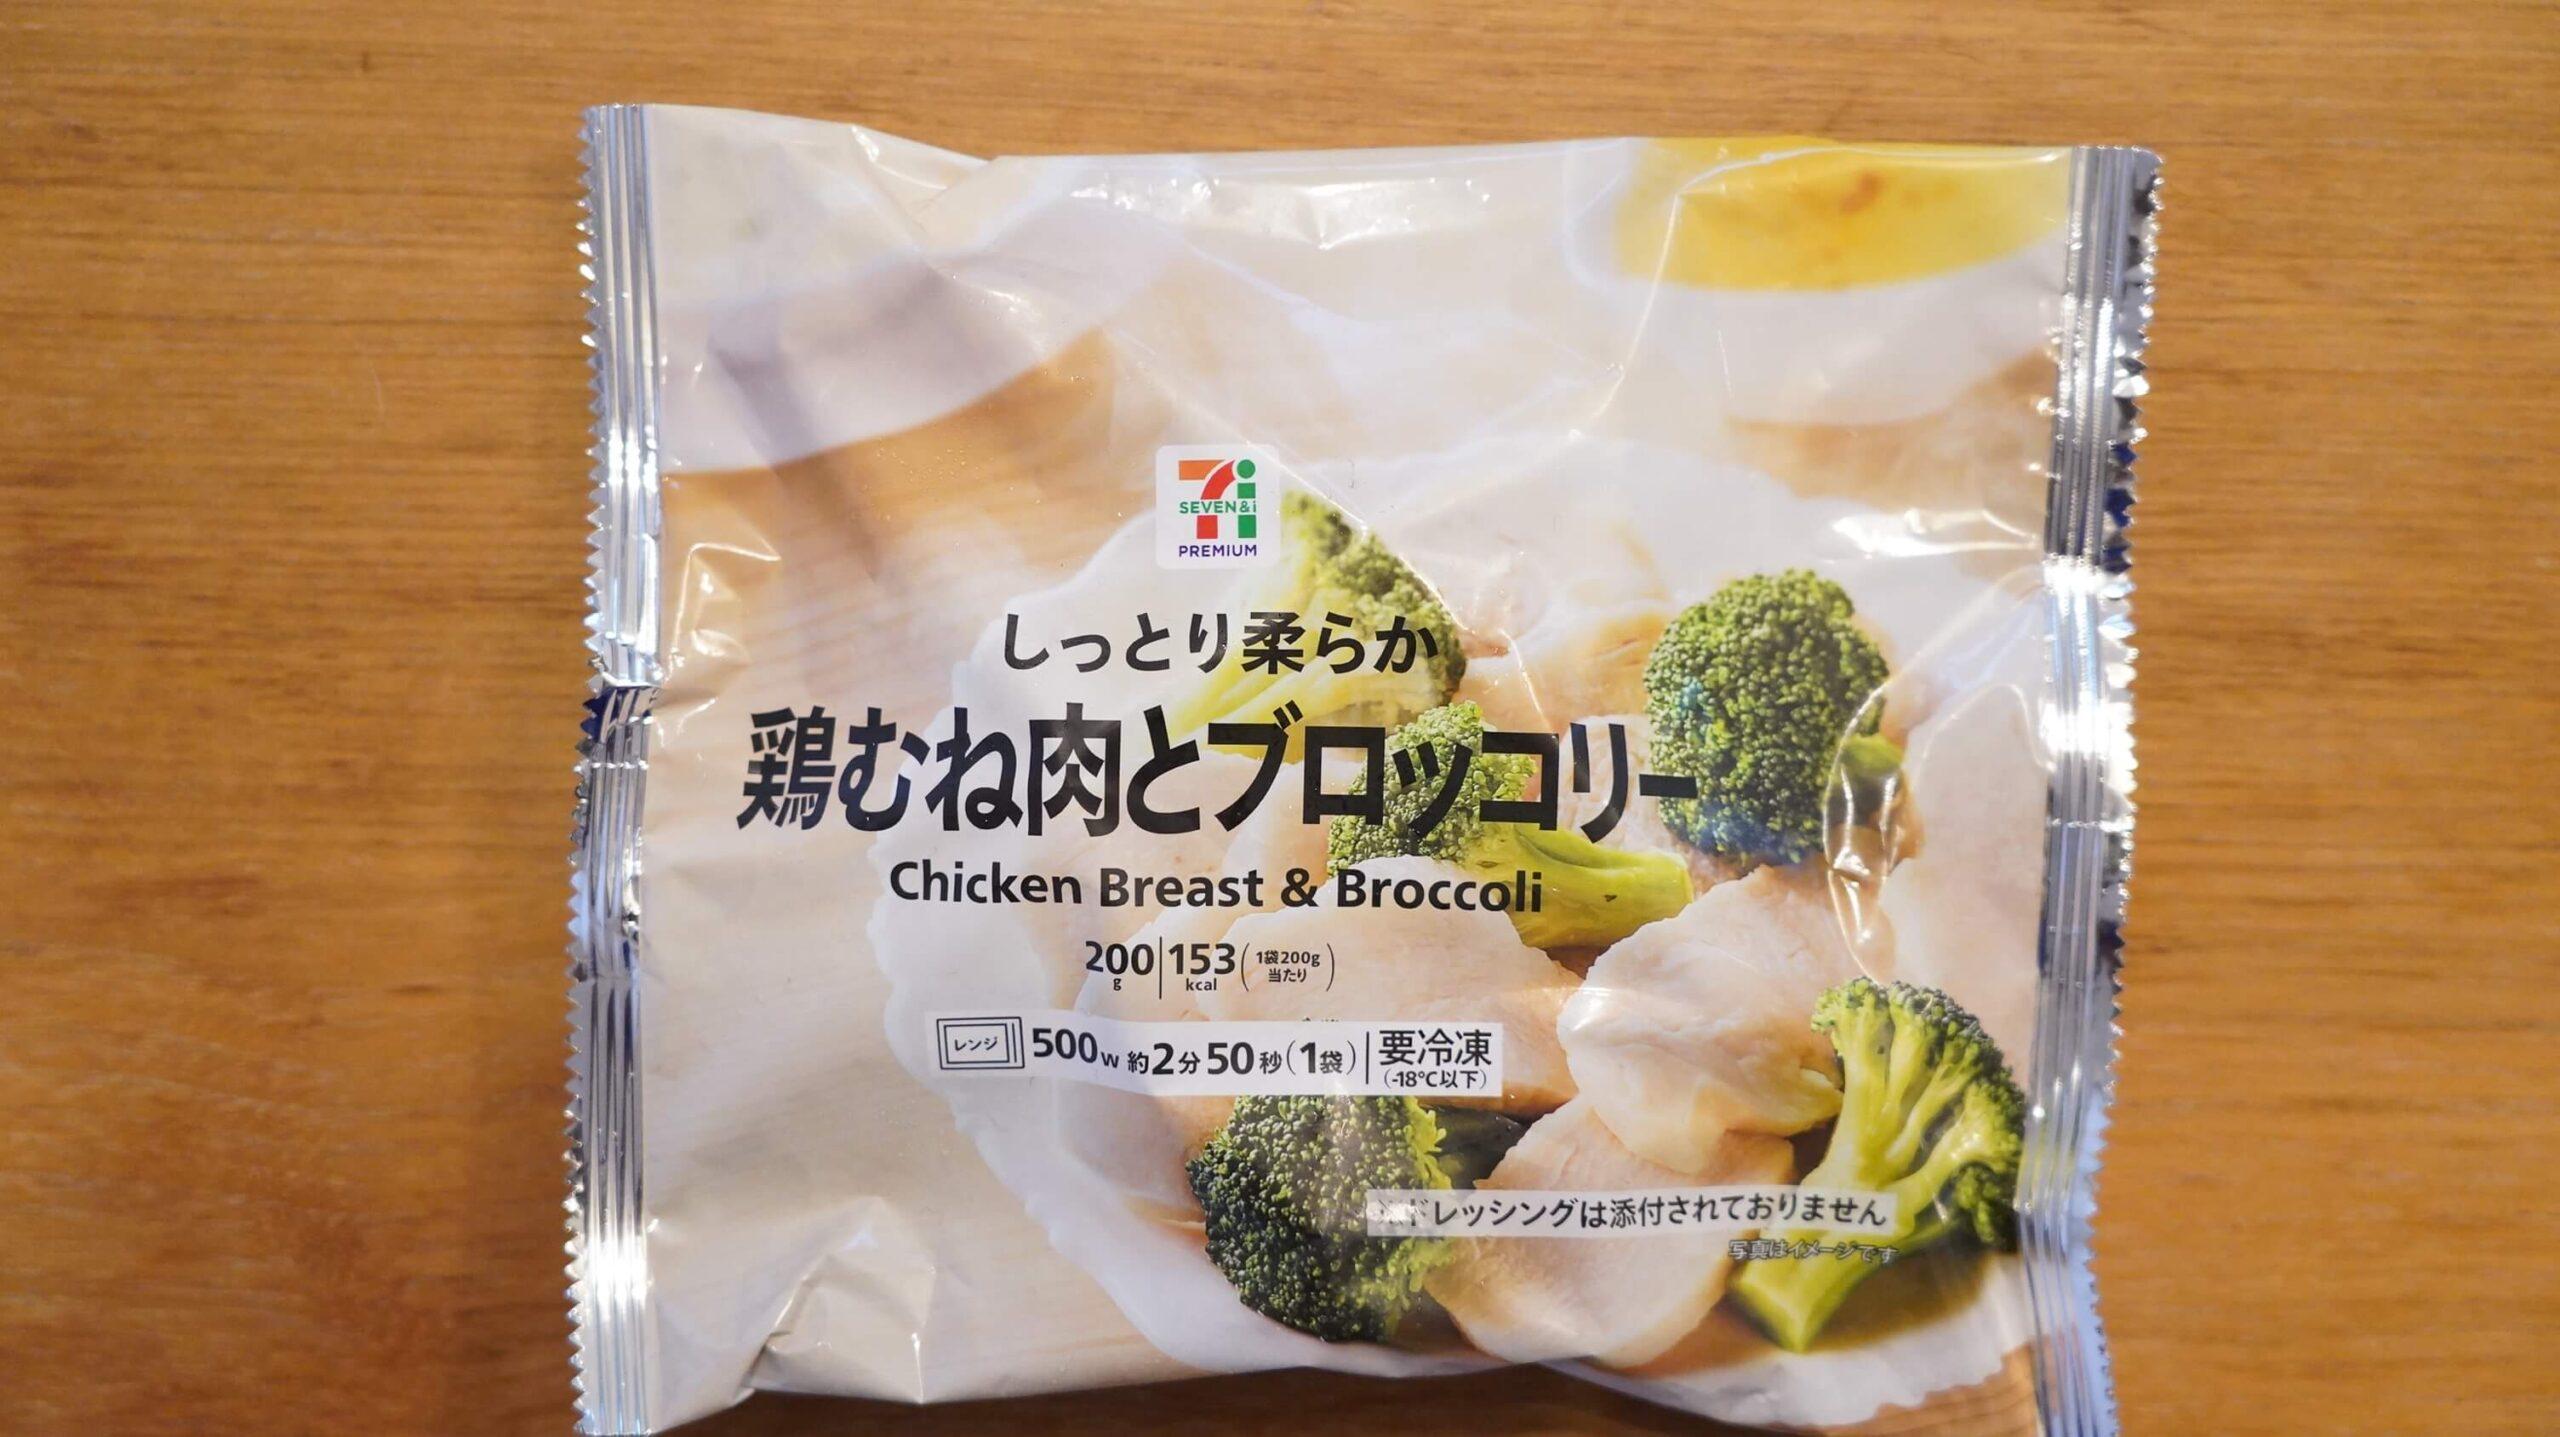 セブンイレブンの冷凍食品「鶏むね肉とブロッコリー」のパッケージの写真